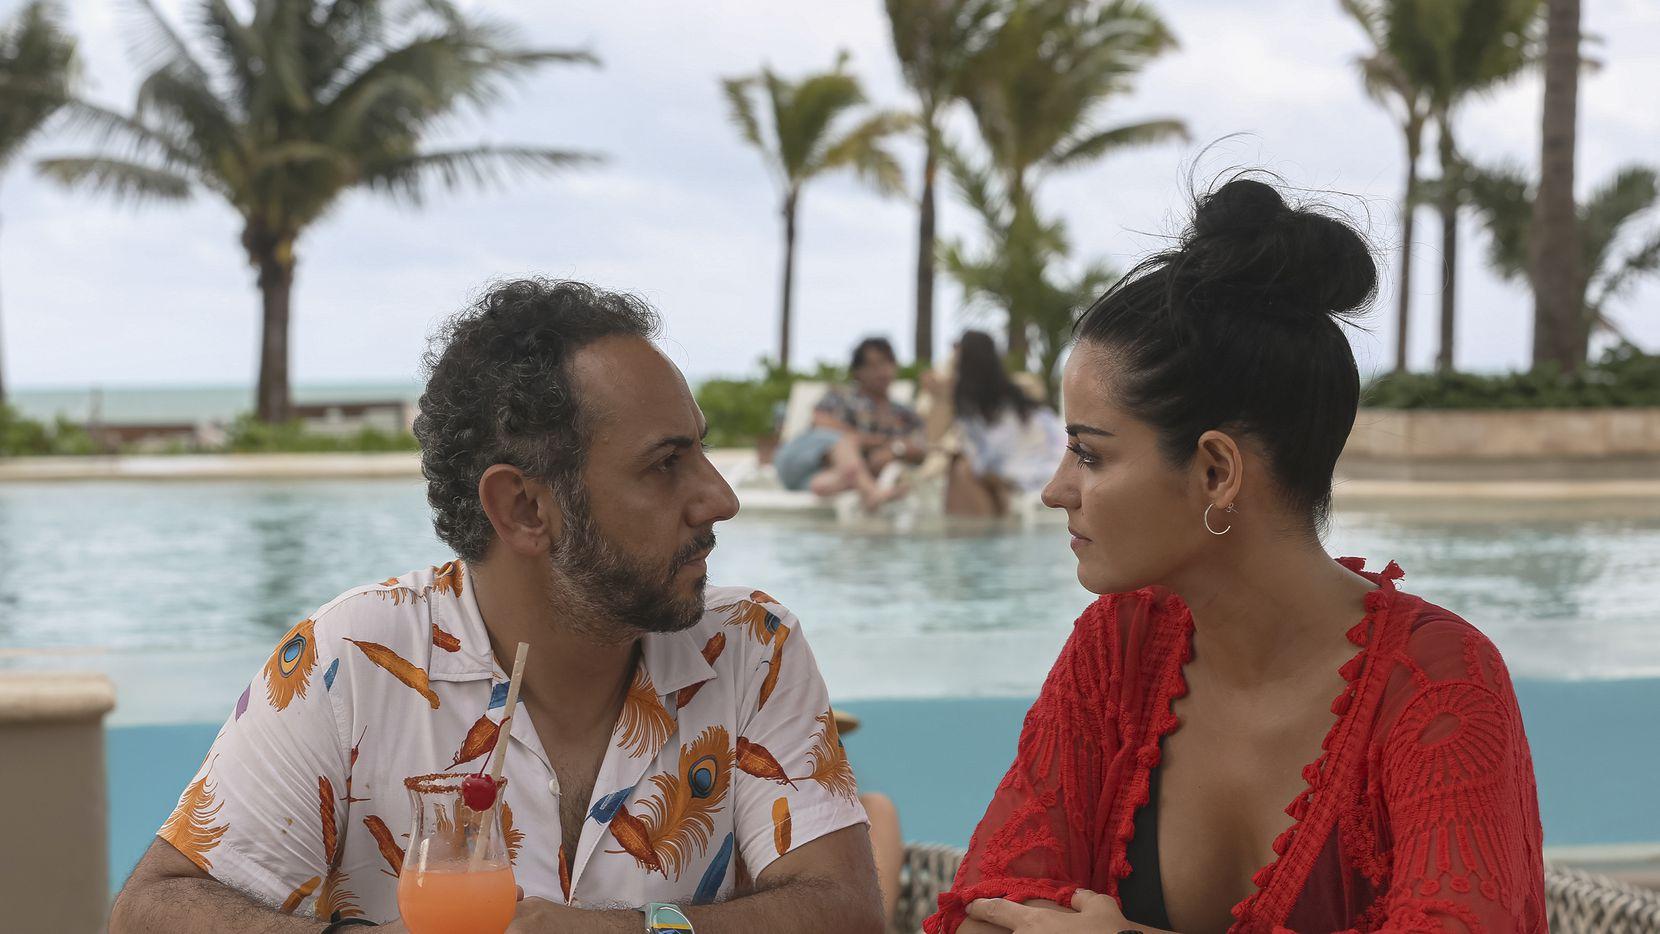 """Humberto Busto, izquierda, y Maite Perroni en una escena de """"El juego de las llaves,"""" que estrenó su segunda temporada el 16 de septiembre, en una imagen proporcionada por Amazon Prime Video. (Amazon Prime Video via AP)"""